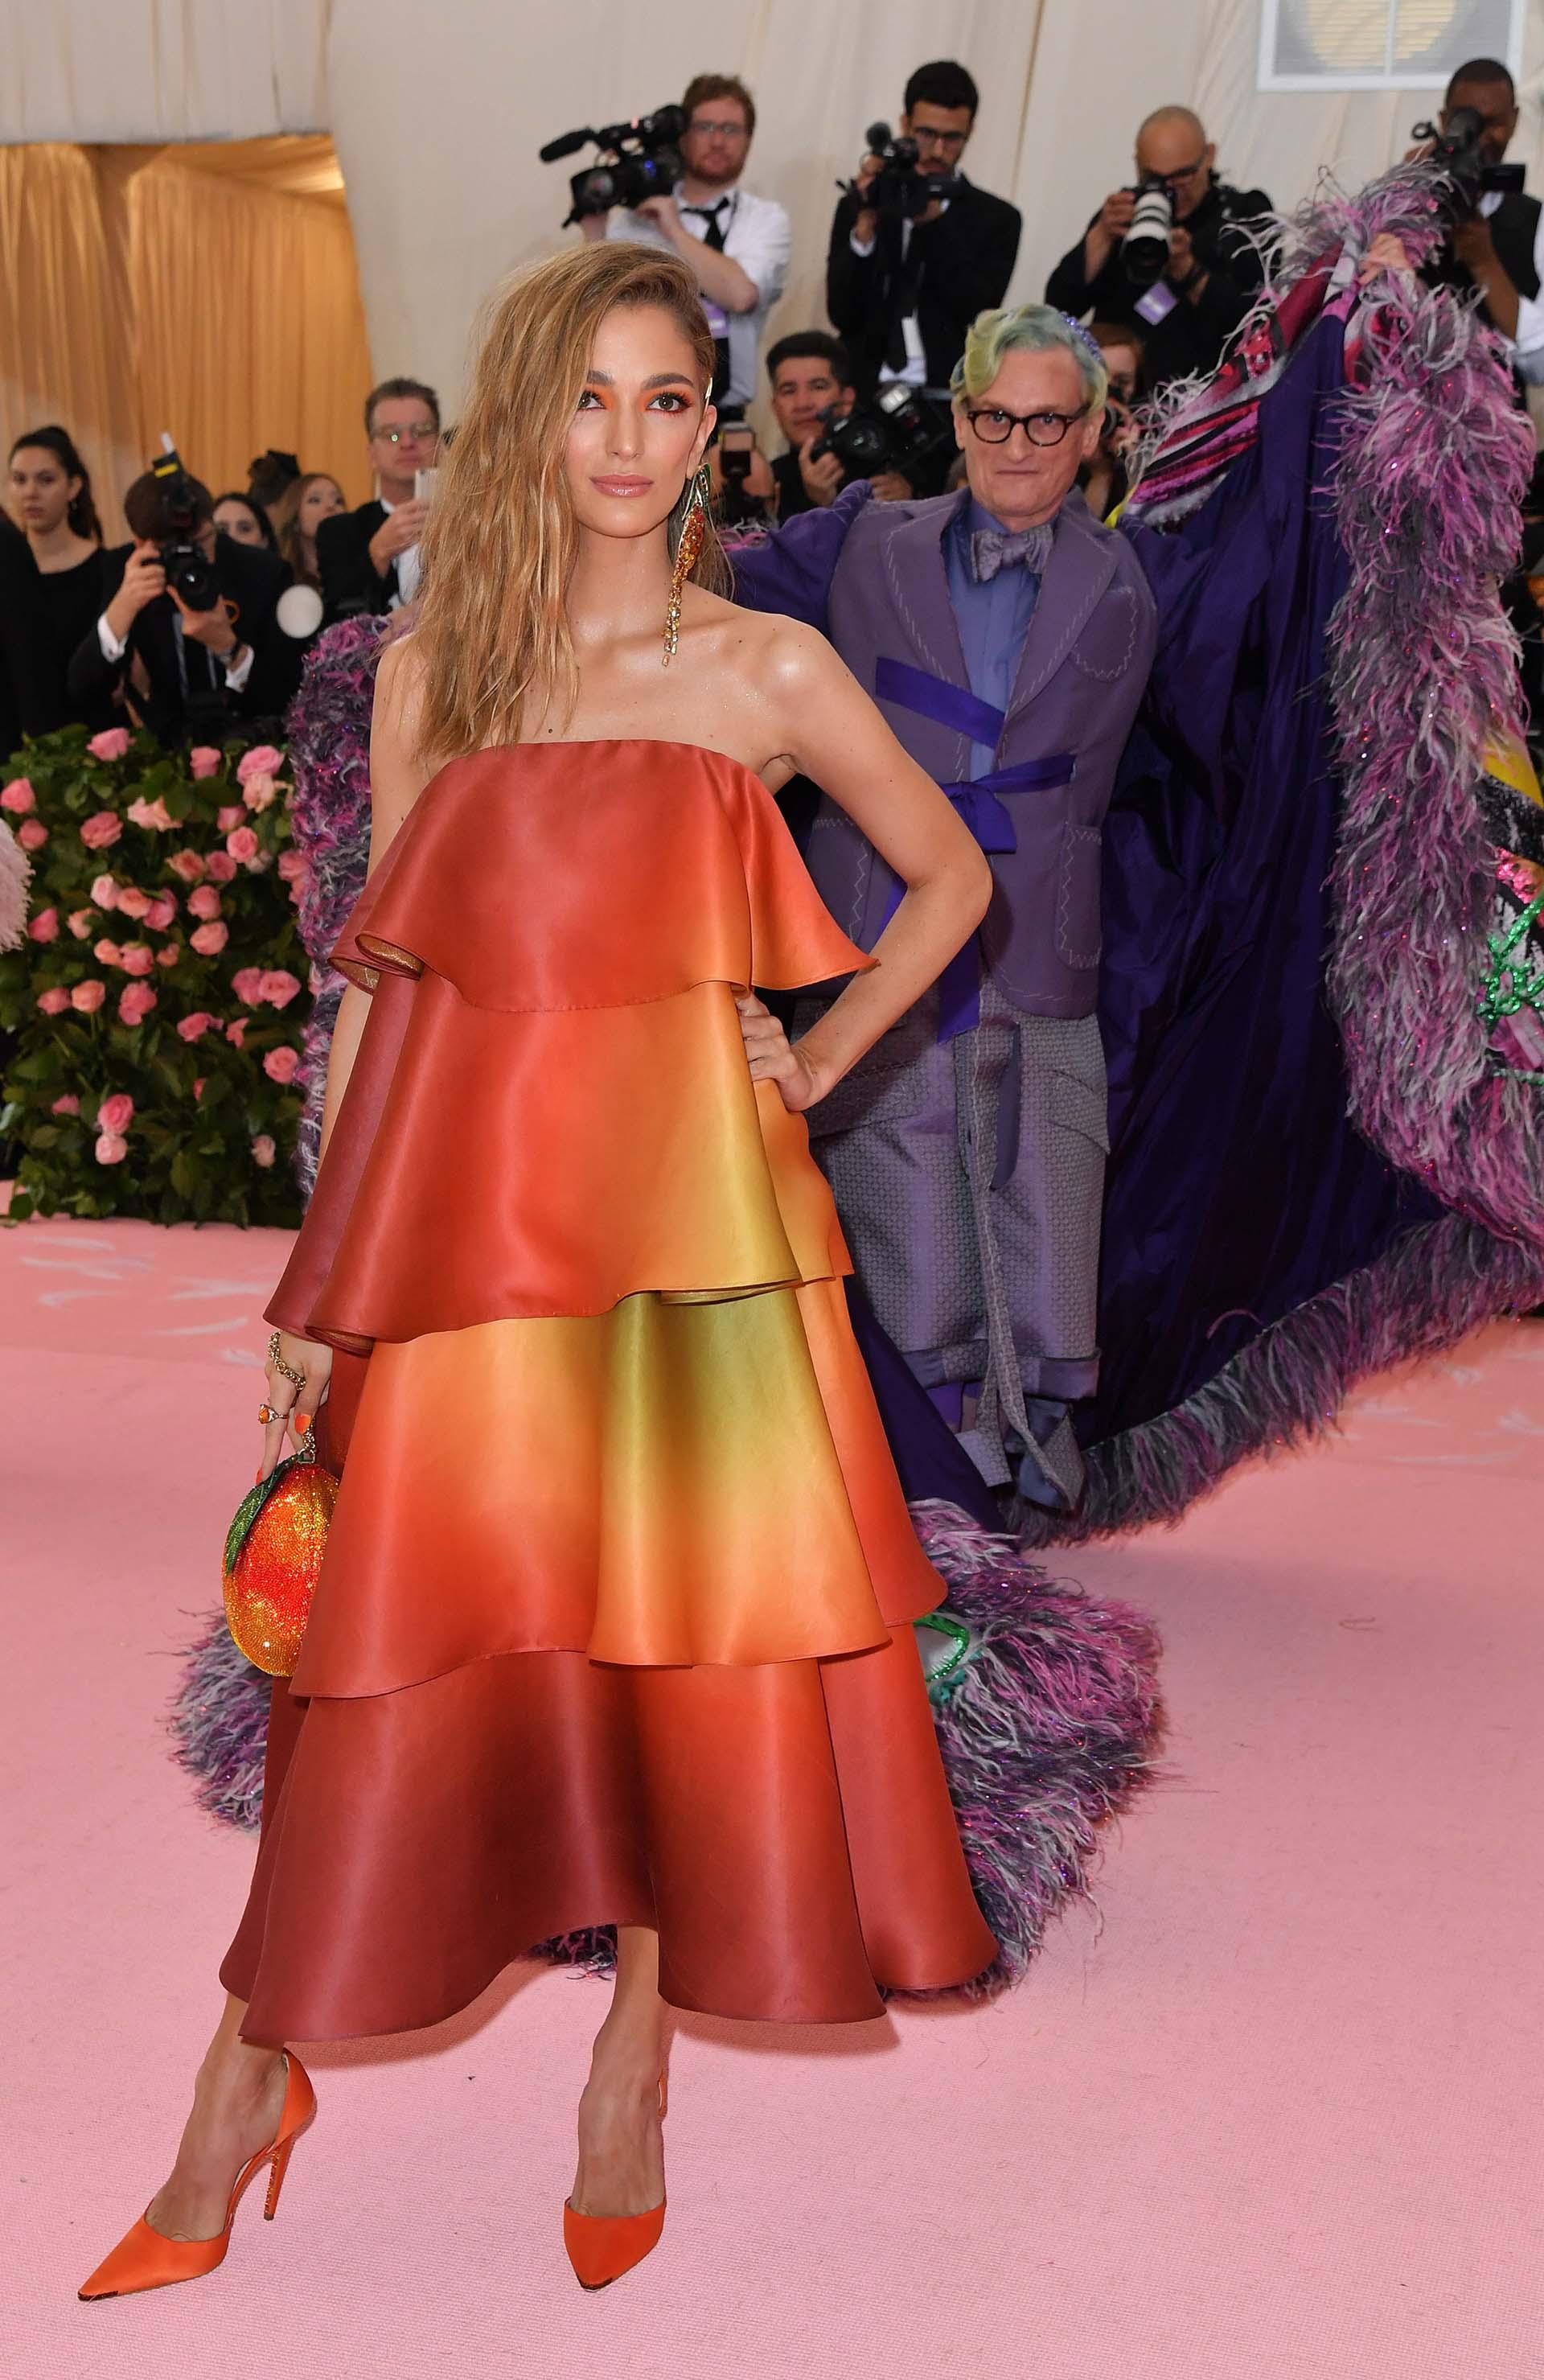 La empresaria Sofía Sánchez Barrenechea, junto con la actriz y modelo Camila Morrone fueron las únicas argentinas que dieron el presente en la alfombra rosa